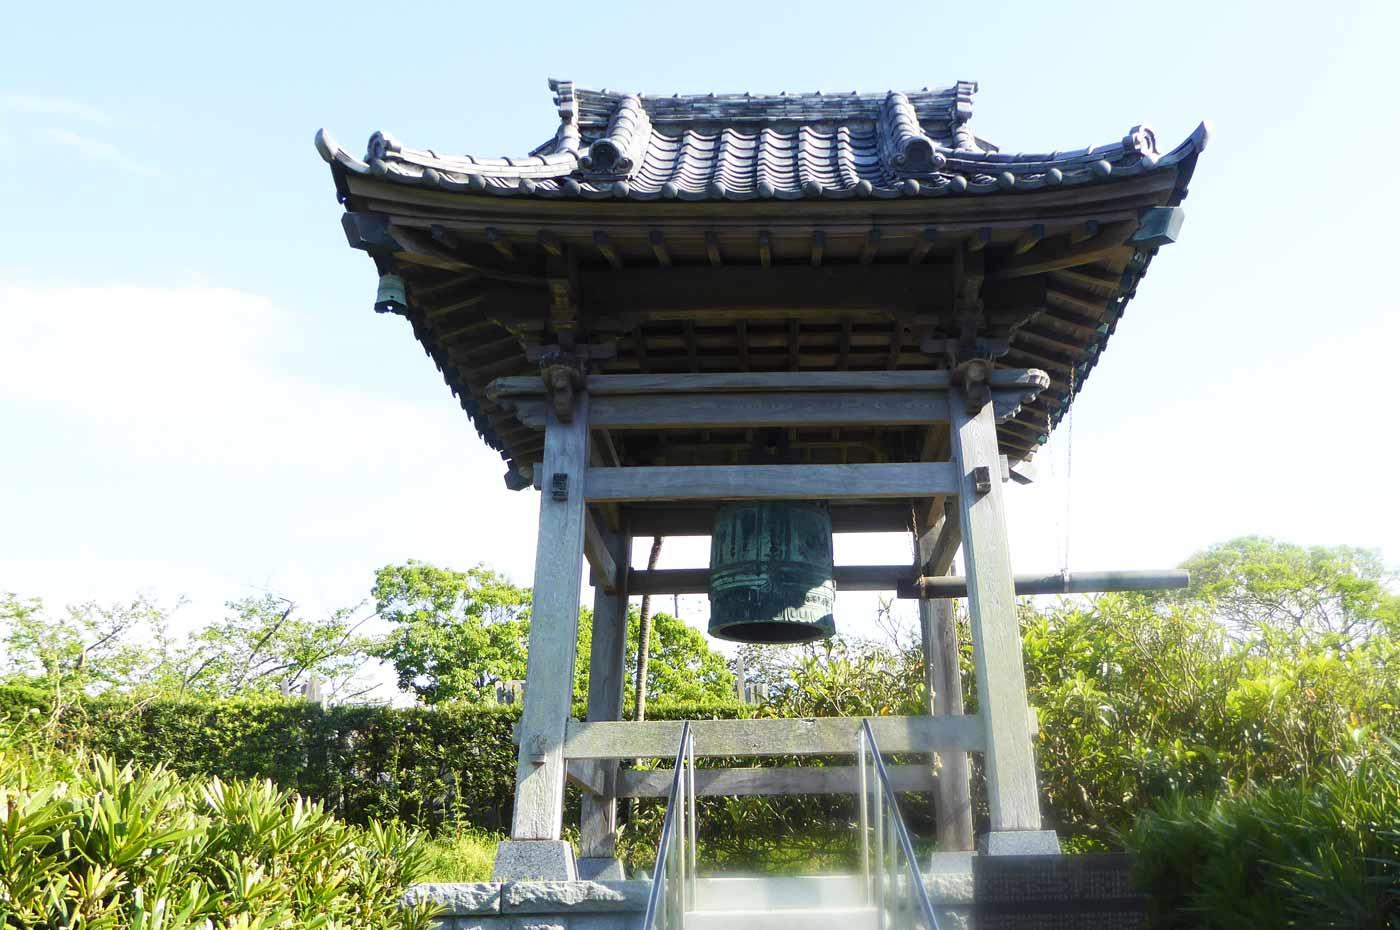 蓮台寺鐘楼の画像